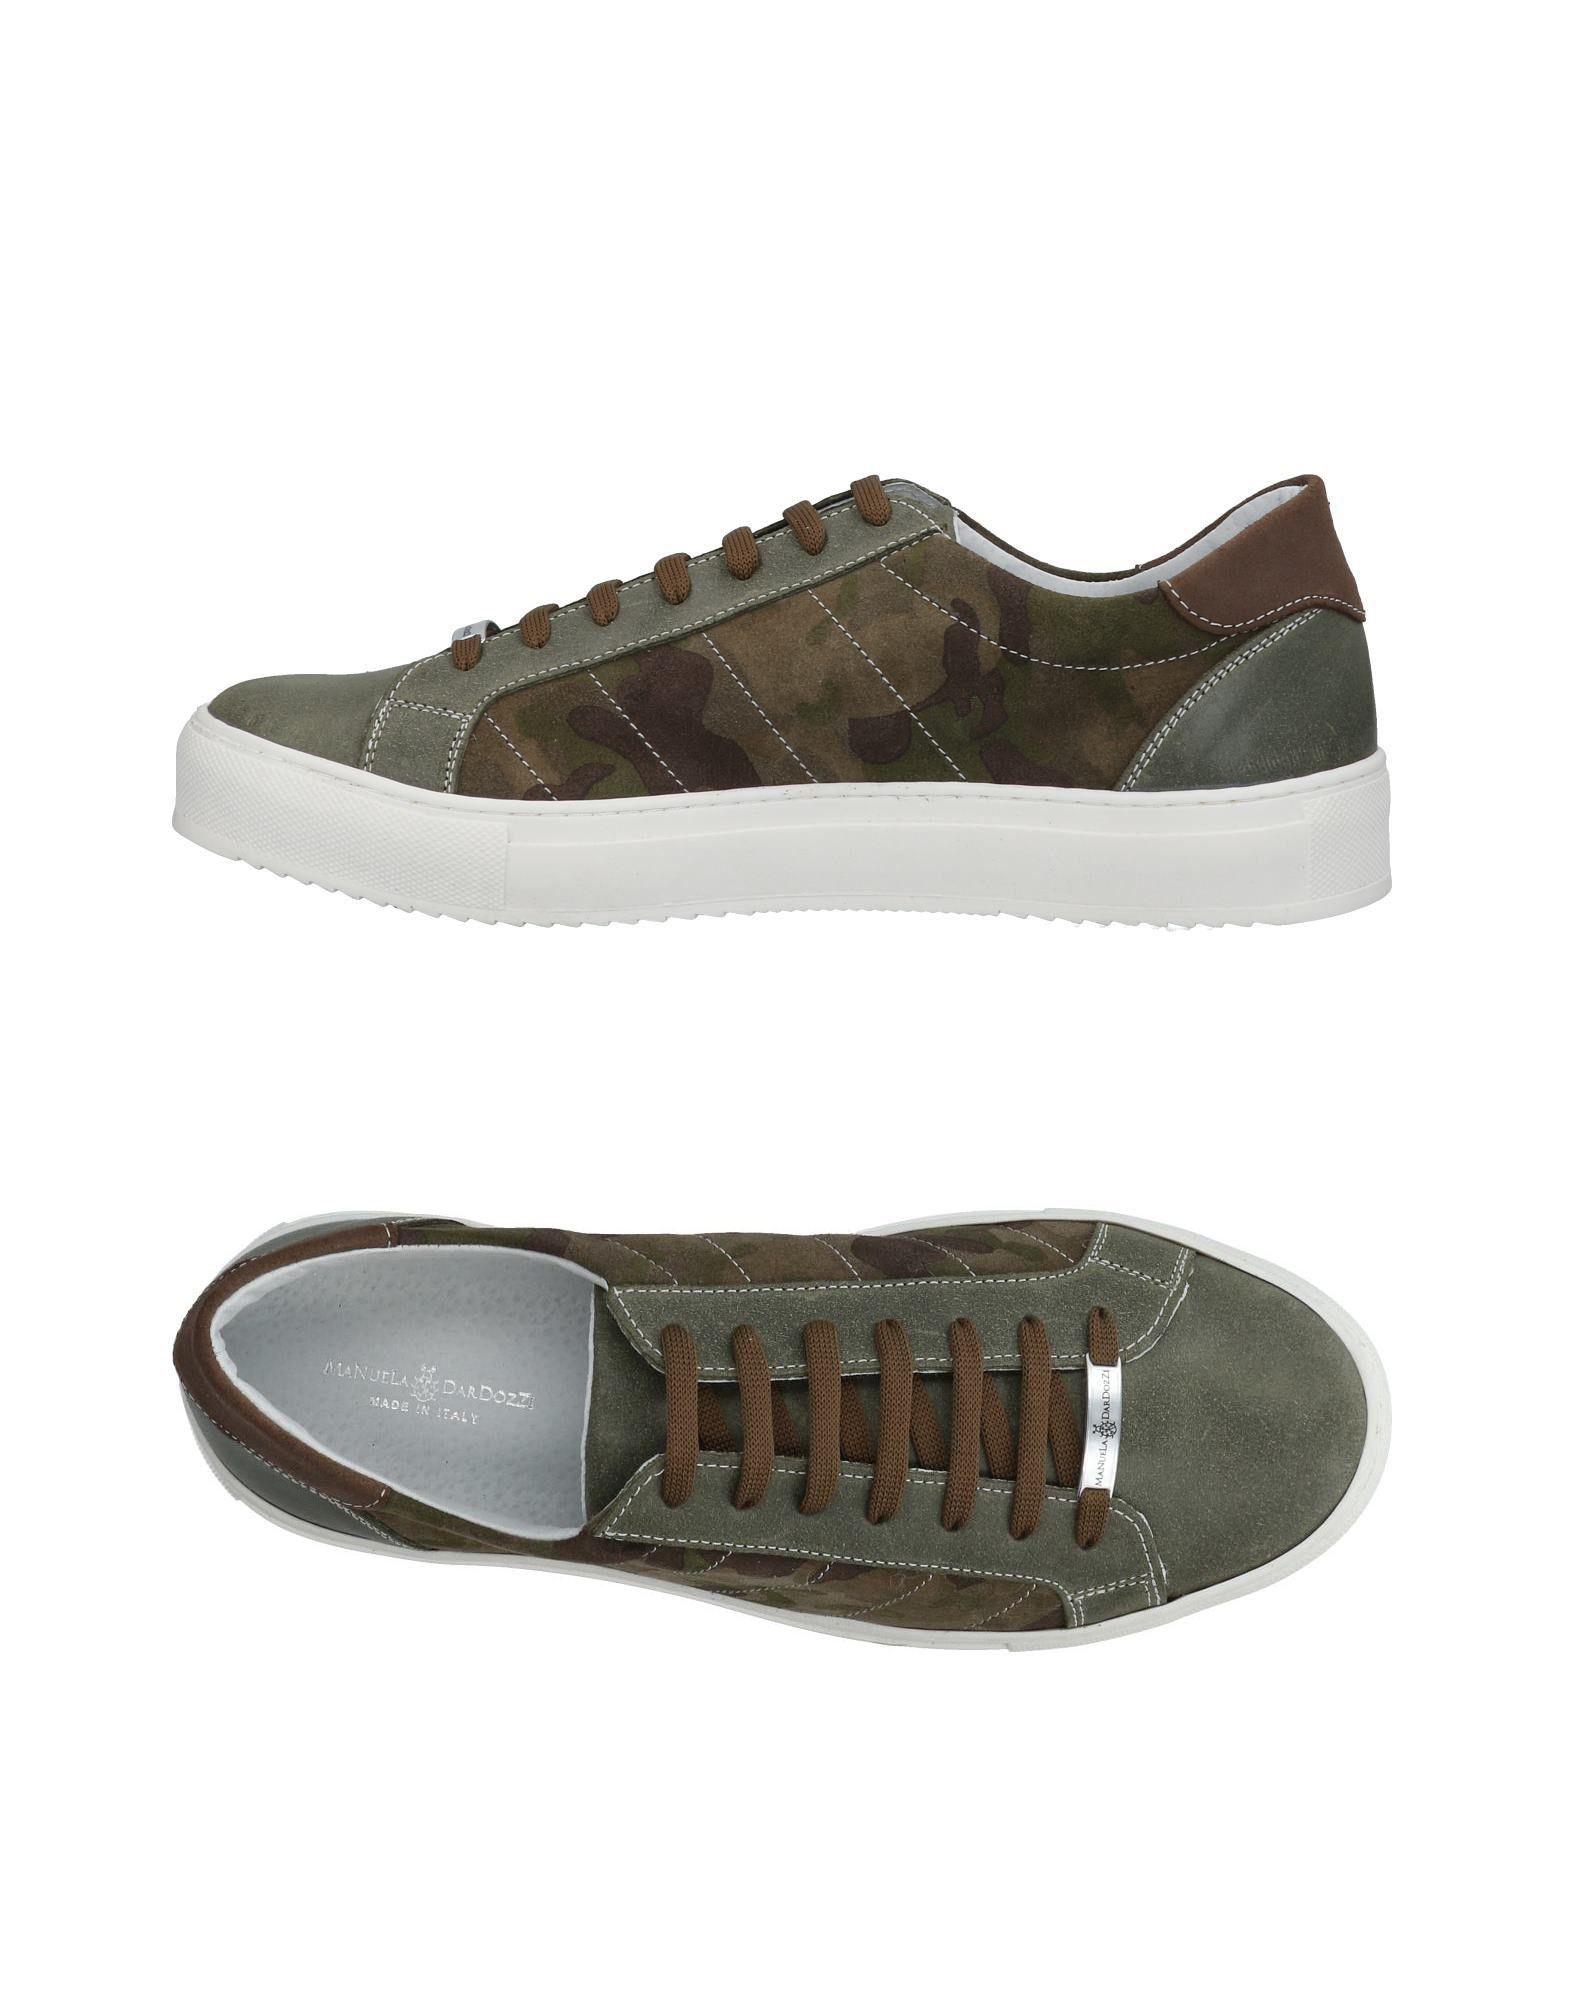 Rabatt echte Schuhe Manuela Dardozzi Sneakers Herren  11423735TI